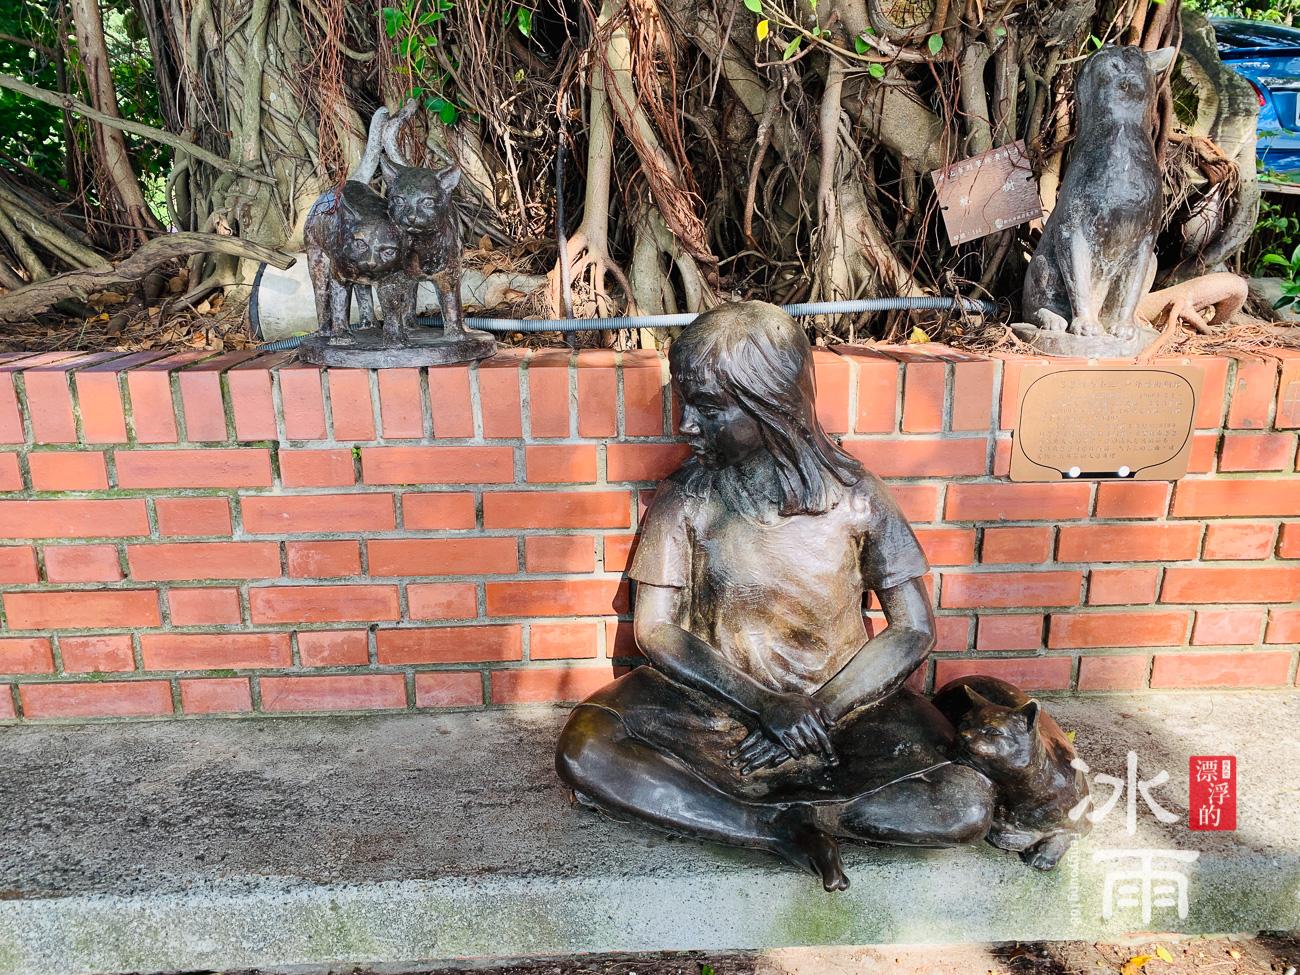 榕堤水灣景觀餐廳附近的雕塑品